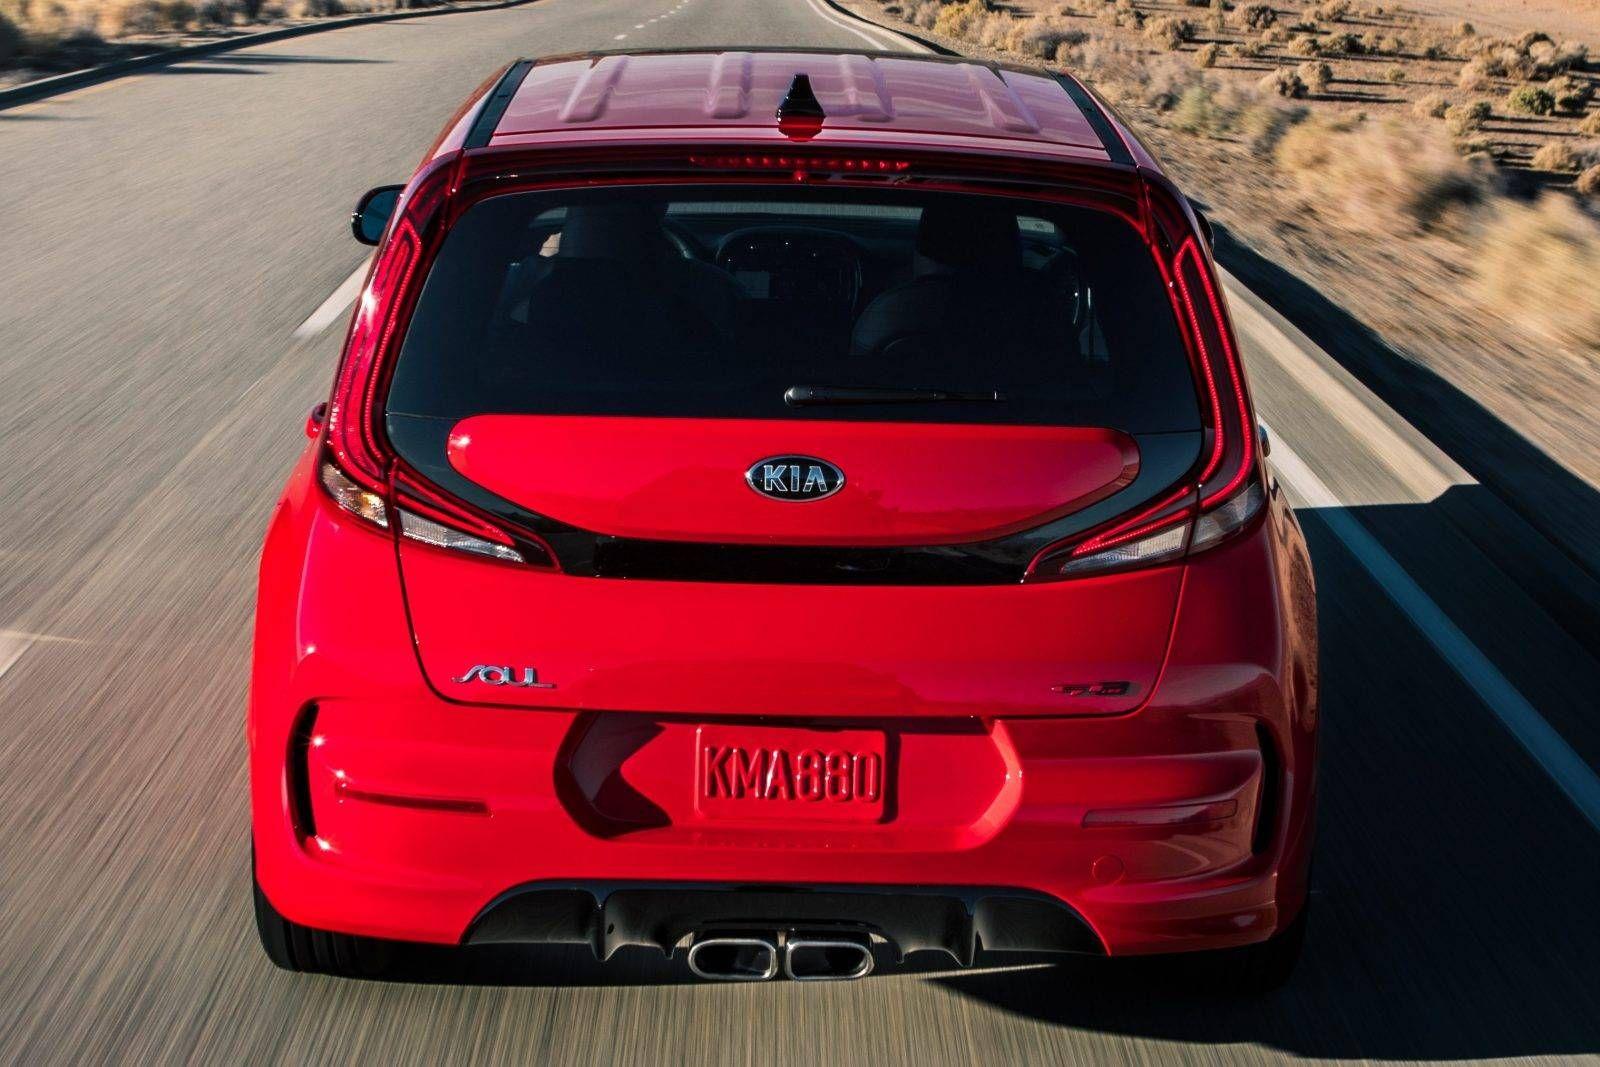 Novo Kia Soul E Lancado Com Opcoes Turbo E Eletrica Com Mais De 200 Cv Suv Car Bmw Automobile